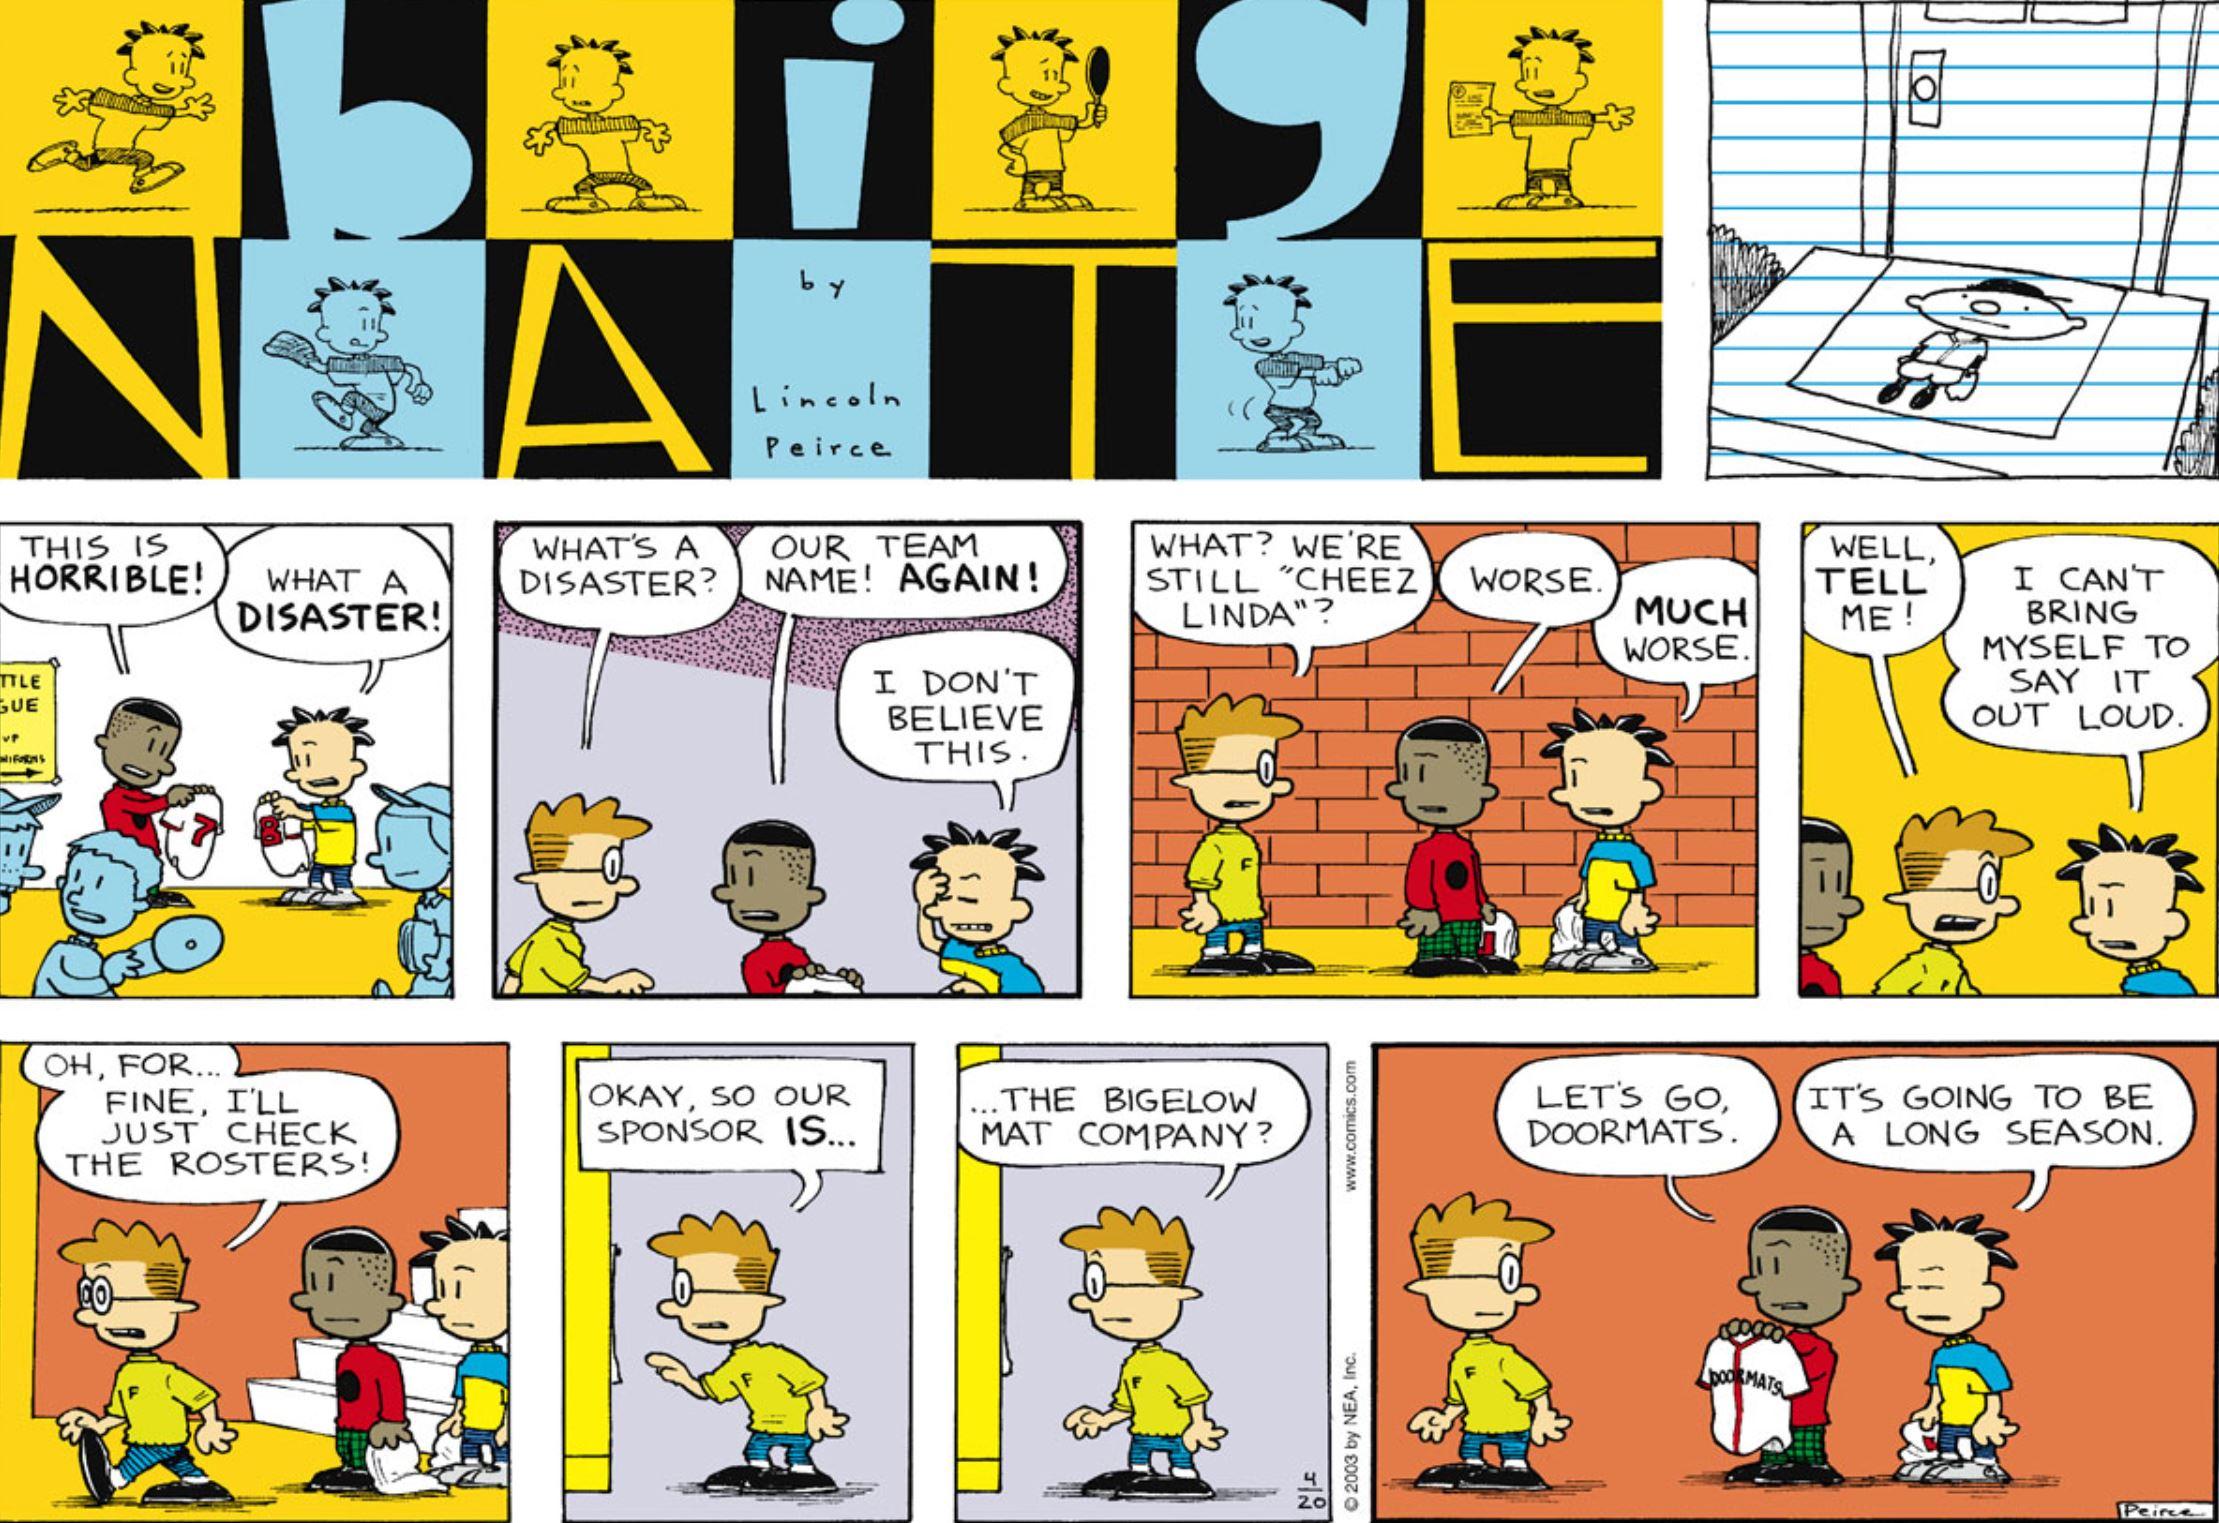 Comic Strip: April 20, 2003